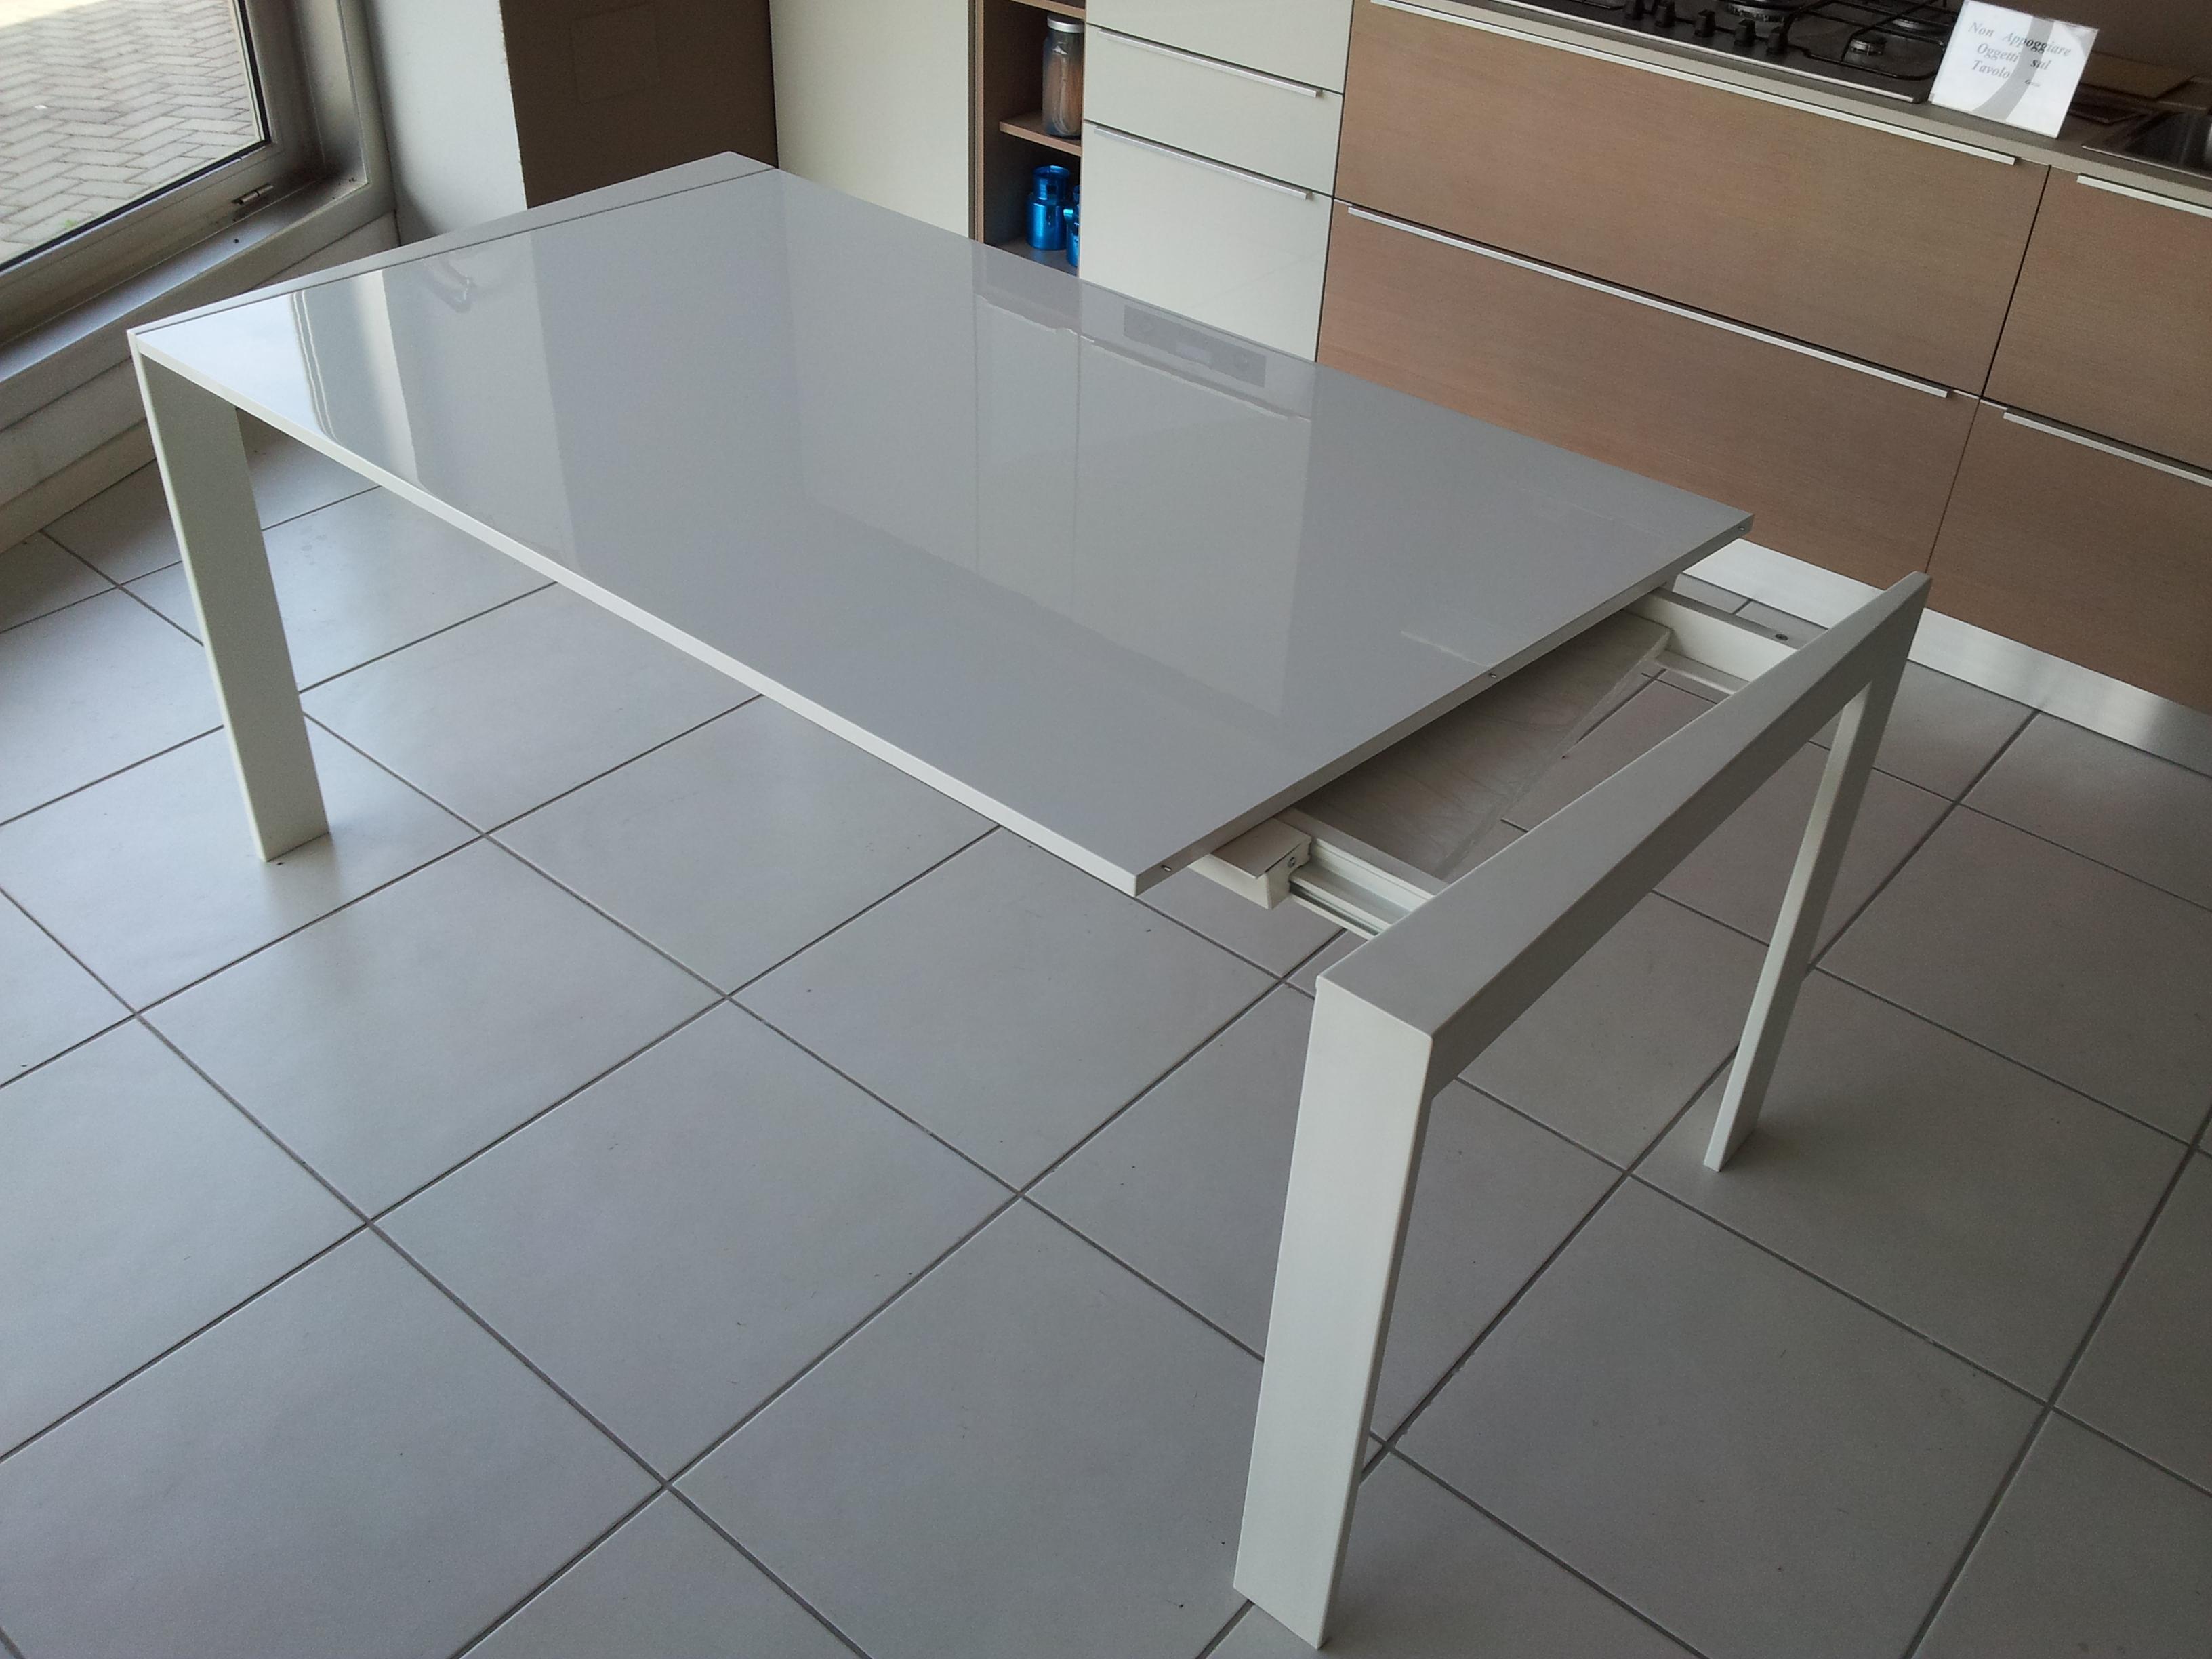 Tavolo kreaty tavolo trim allungabile scontato del 55 for Tavolo bianco allungabile